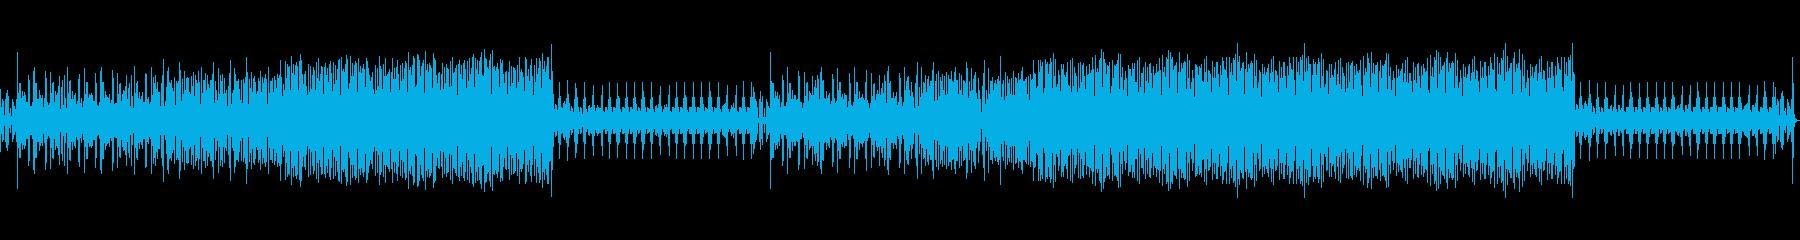 カントリーな雰囲気をもつポップなBGMの再生済みの波形